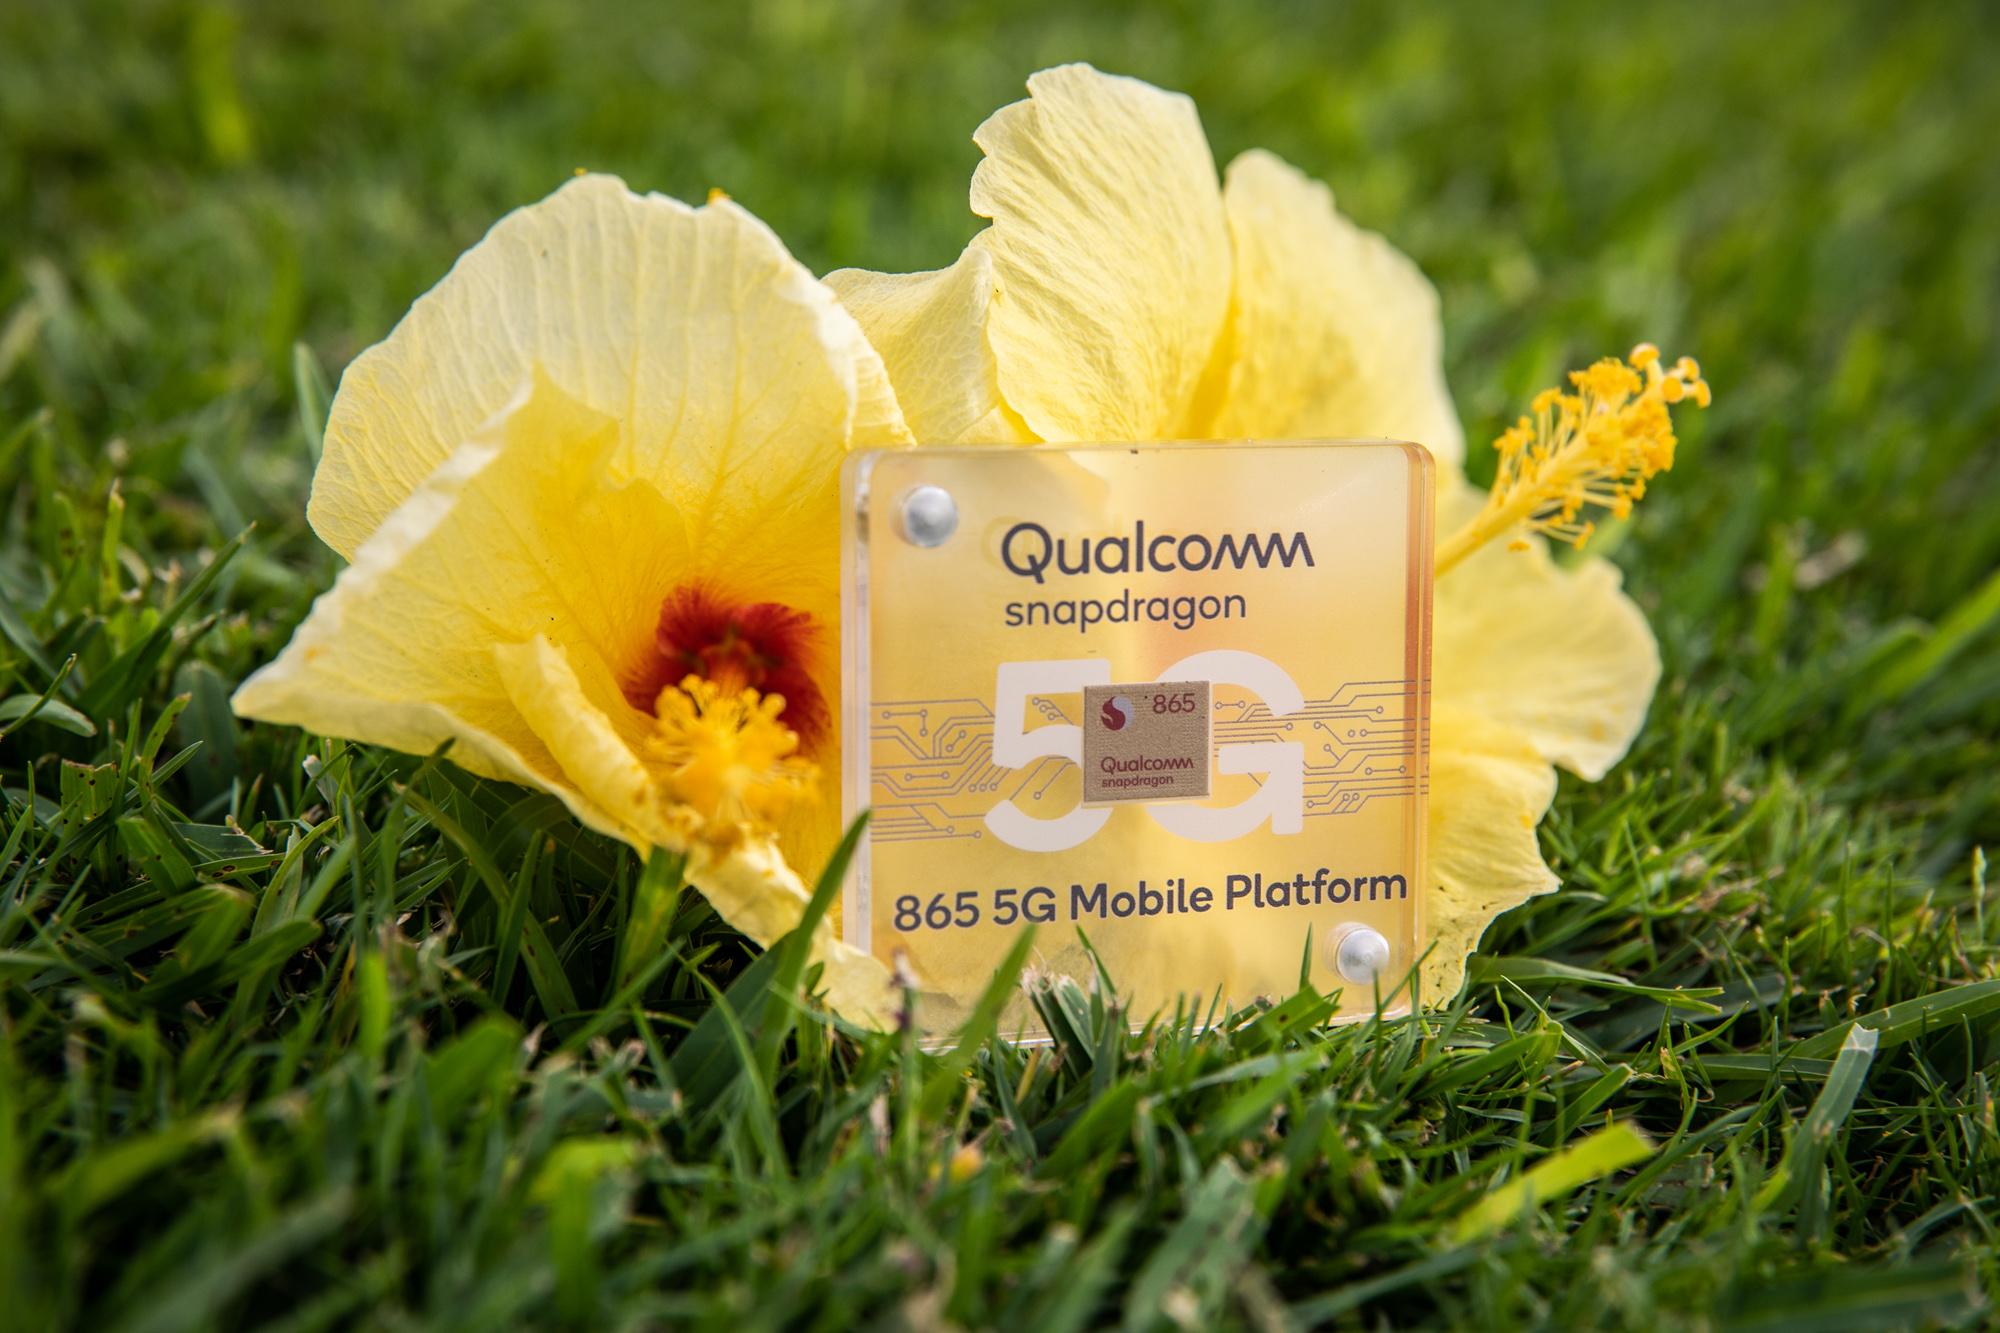 qualcomm-snapdragon-865-5g-mobile-platform-chip-case-outdoors-in-maui.jpg